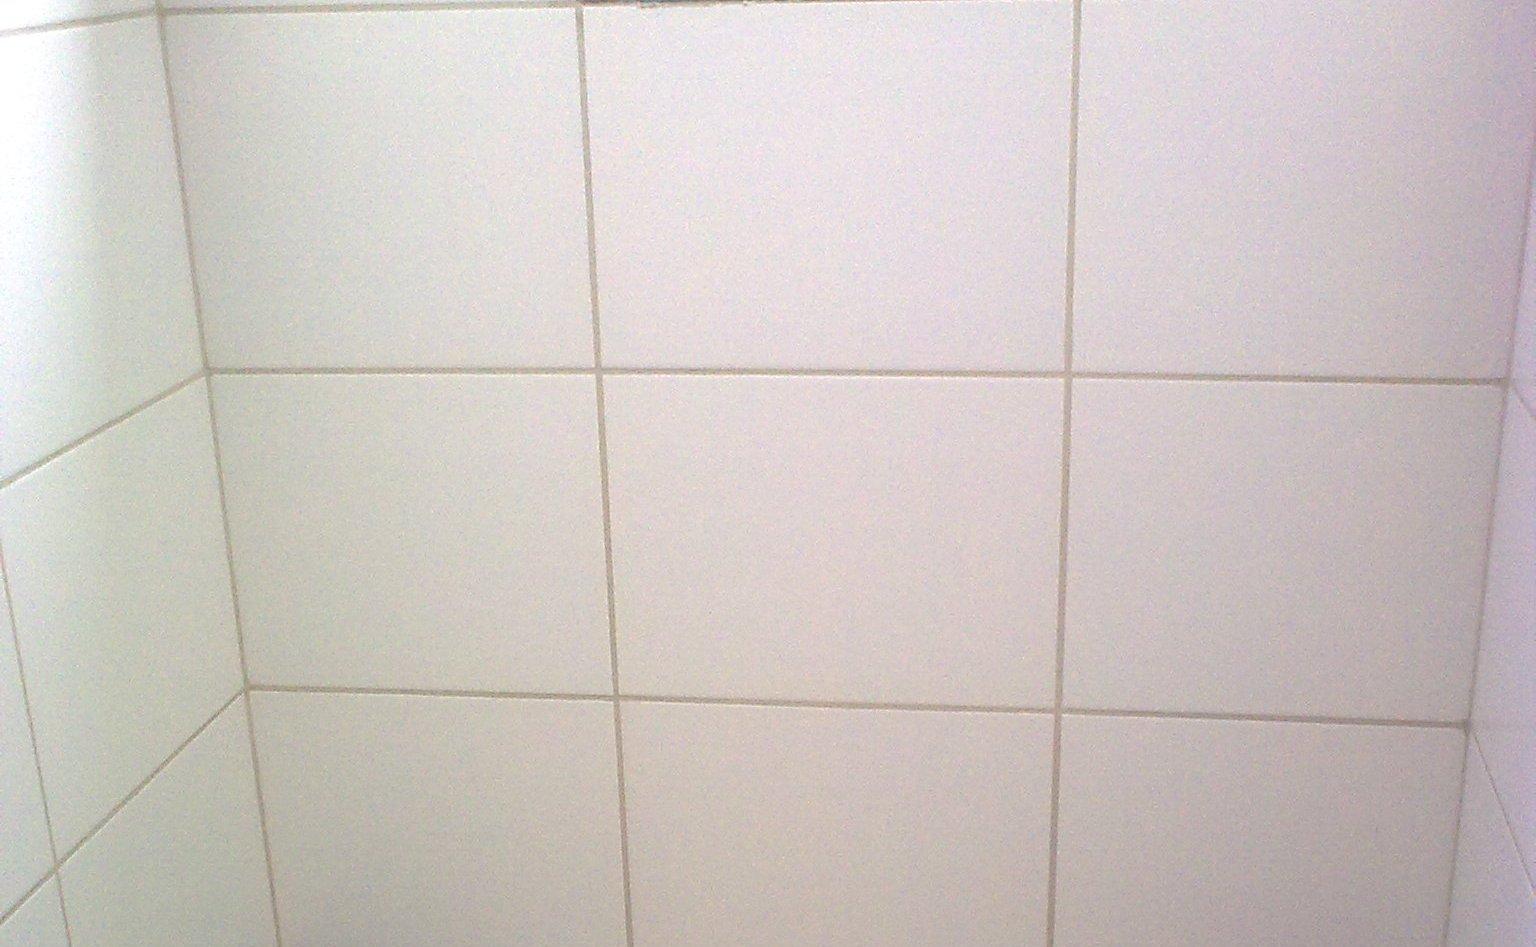 Foto do rejunte do banheiro social (tirada semana passada). Notem como  #71605A 1536x947 Banheiro Branco Com Rejunte Cinza